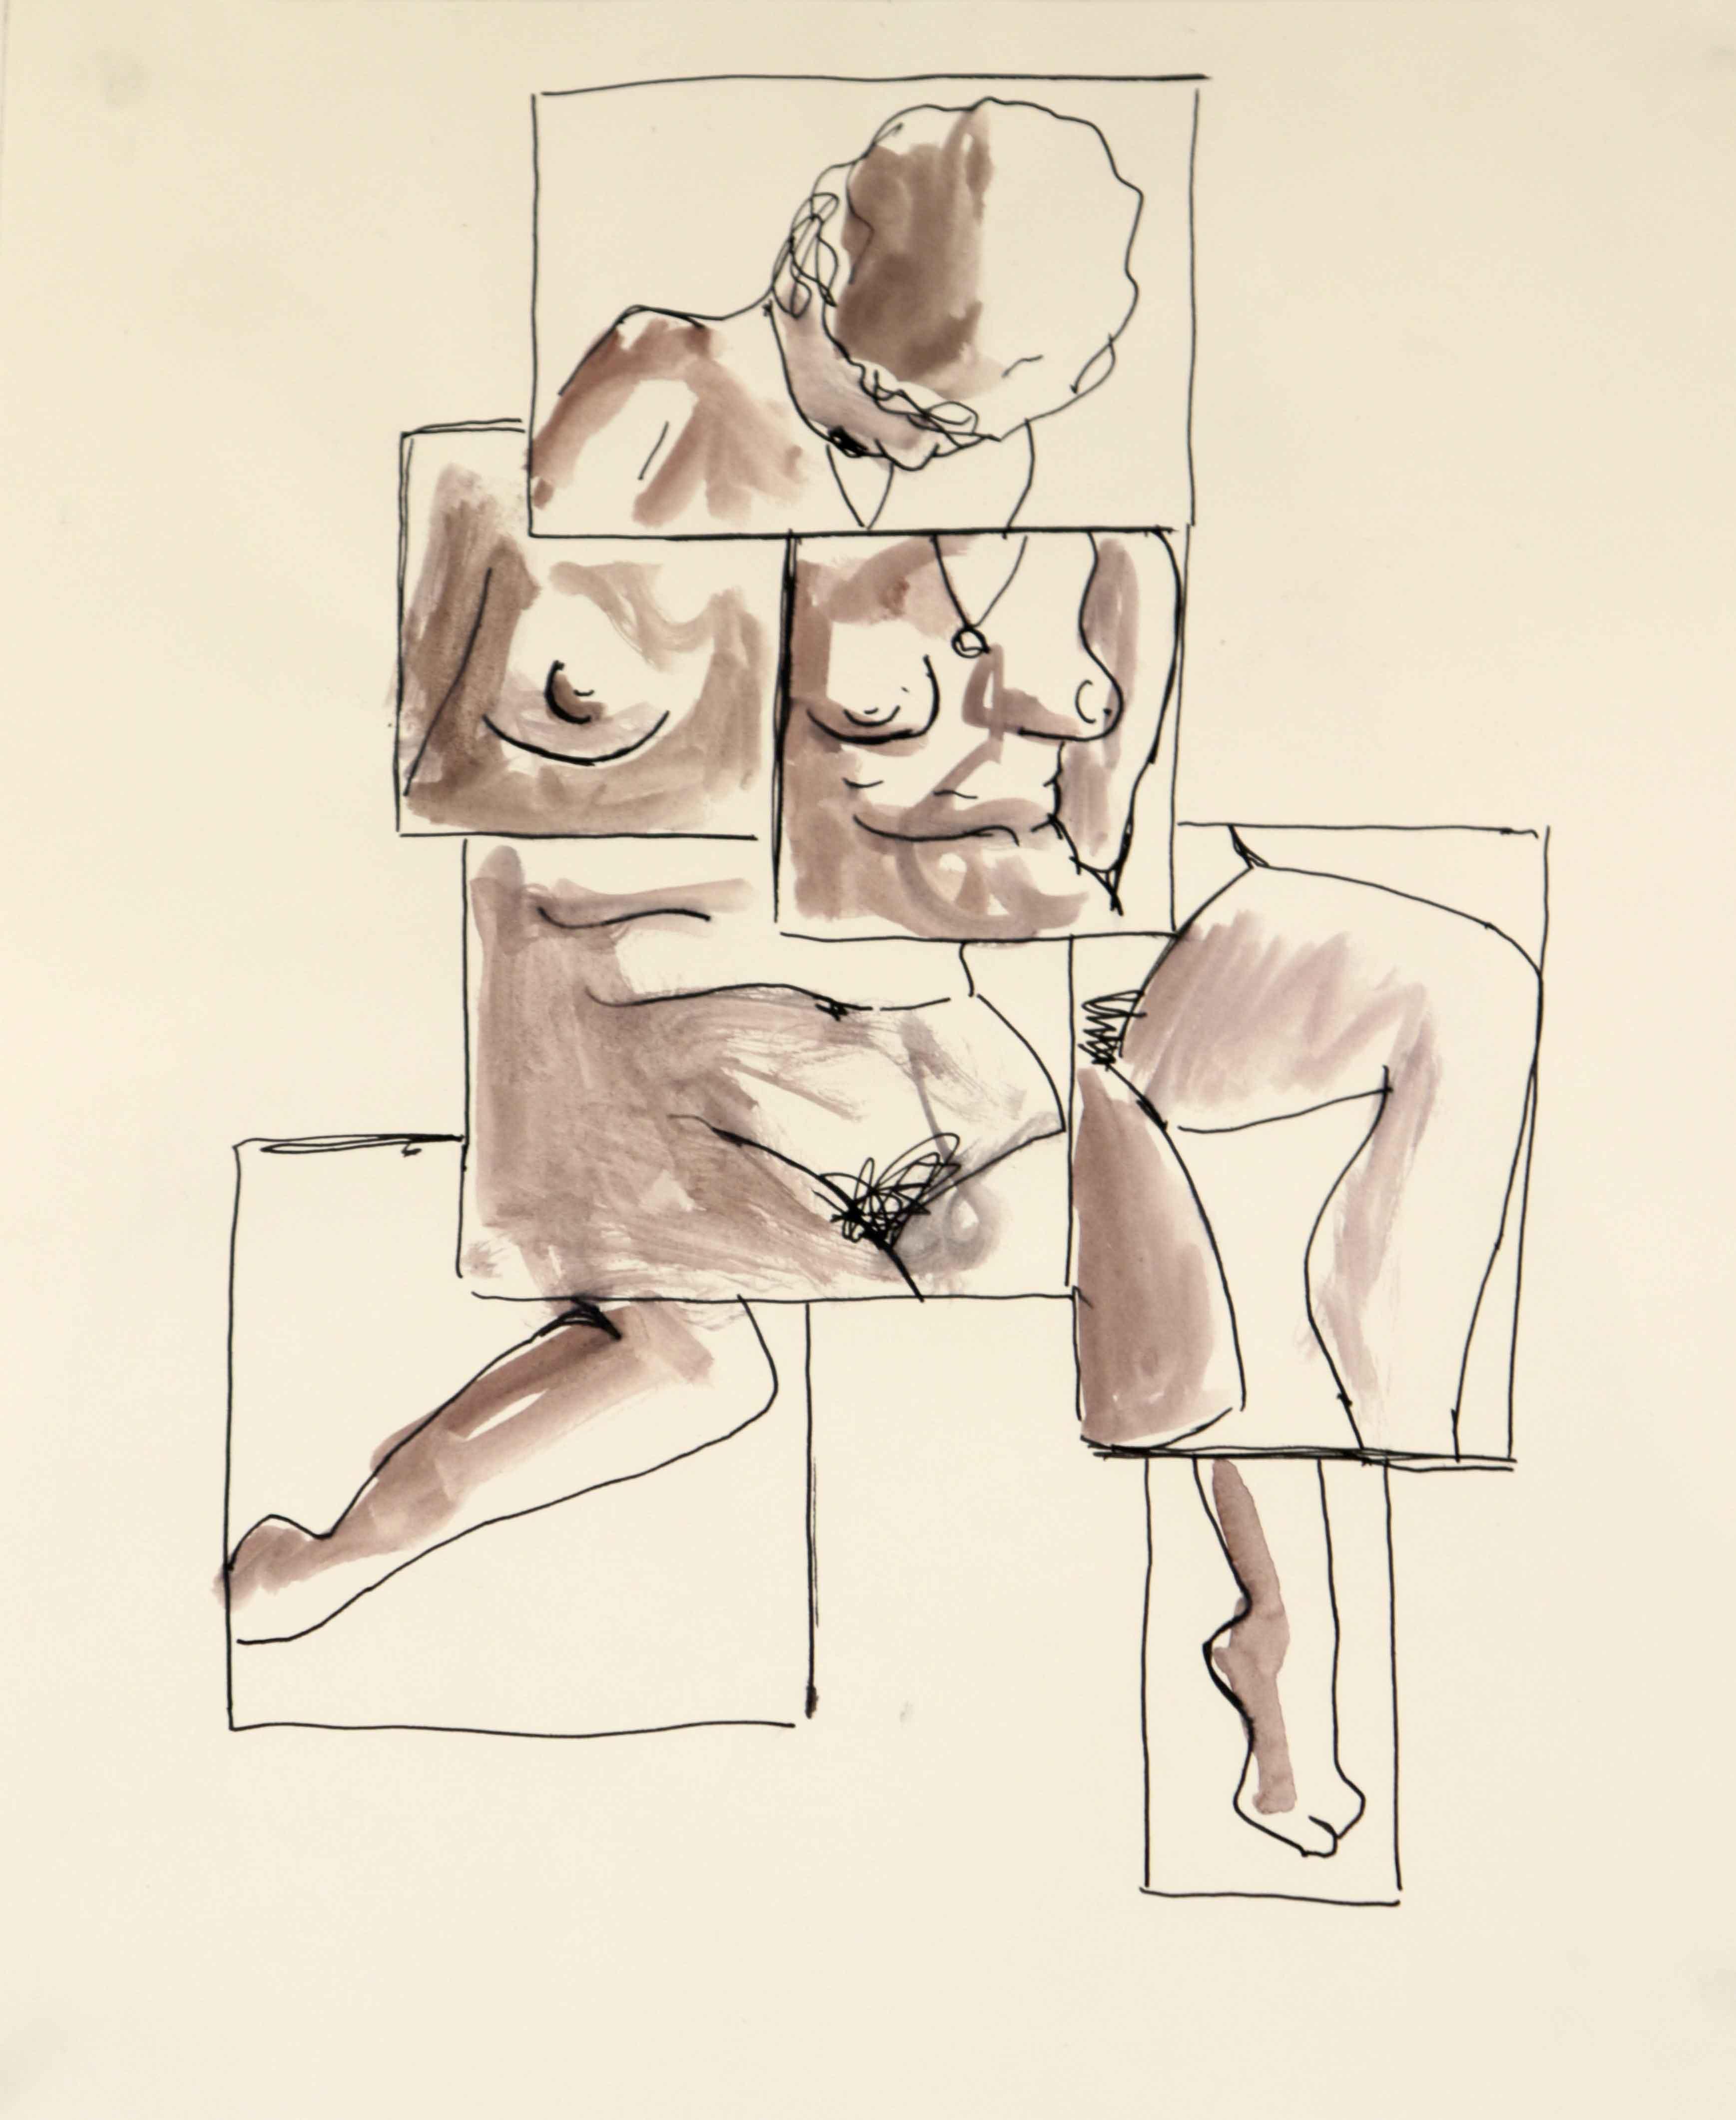 Dessin encre et aquarelle mod�le vivant nue femme  cours de dessin